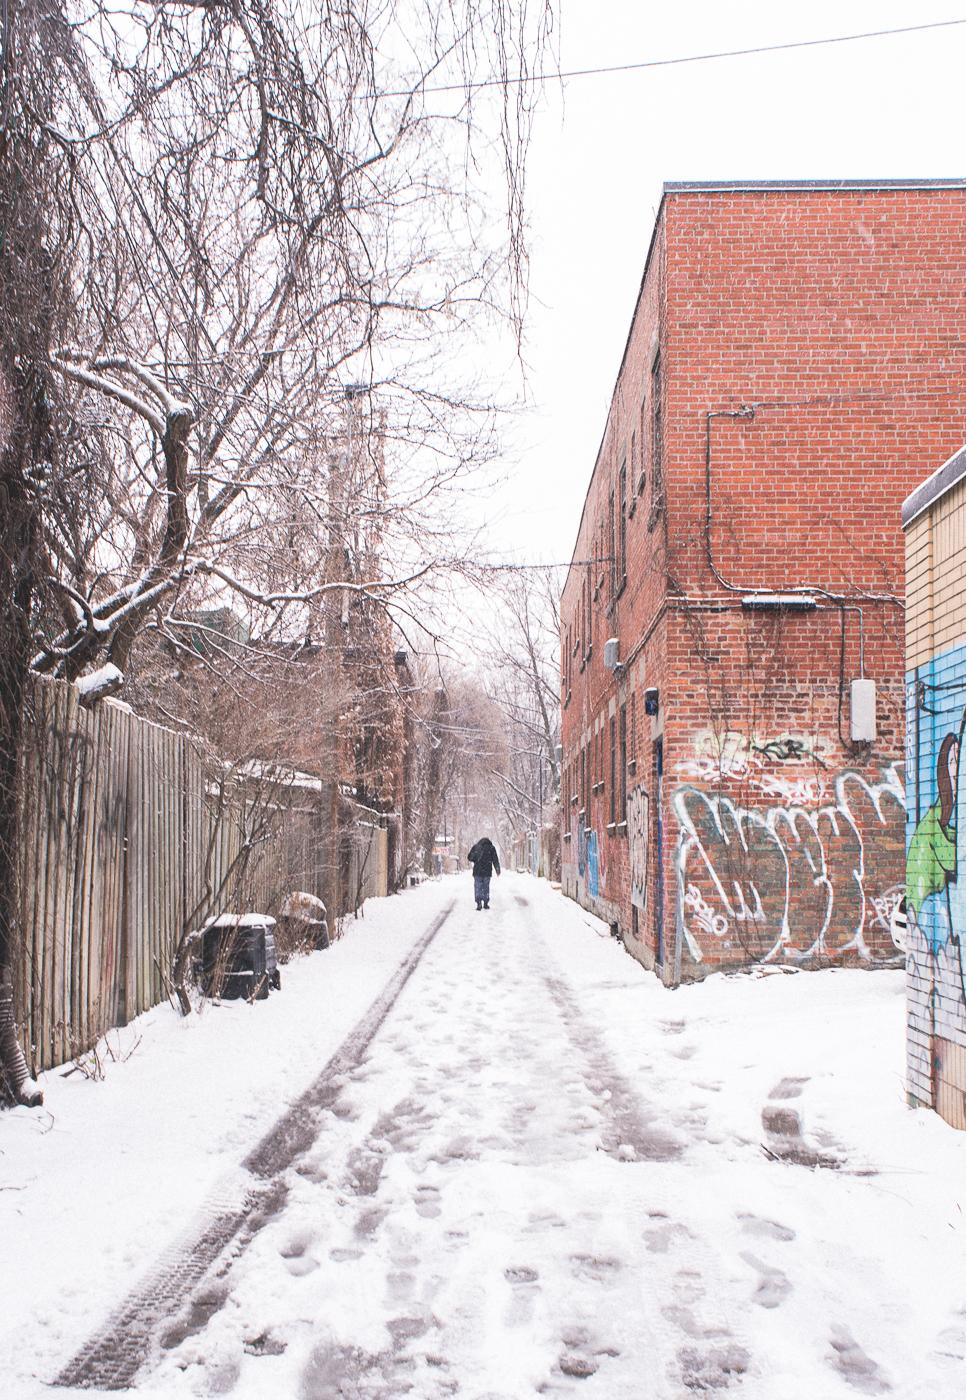 Premiere de neige-3